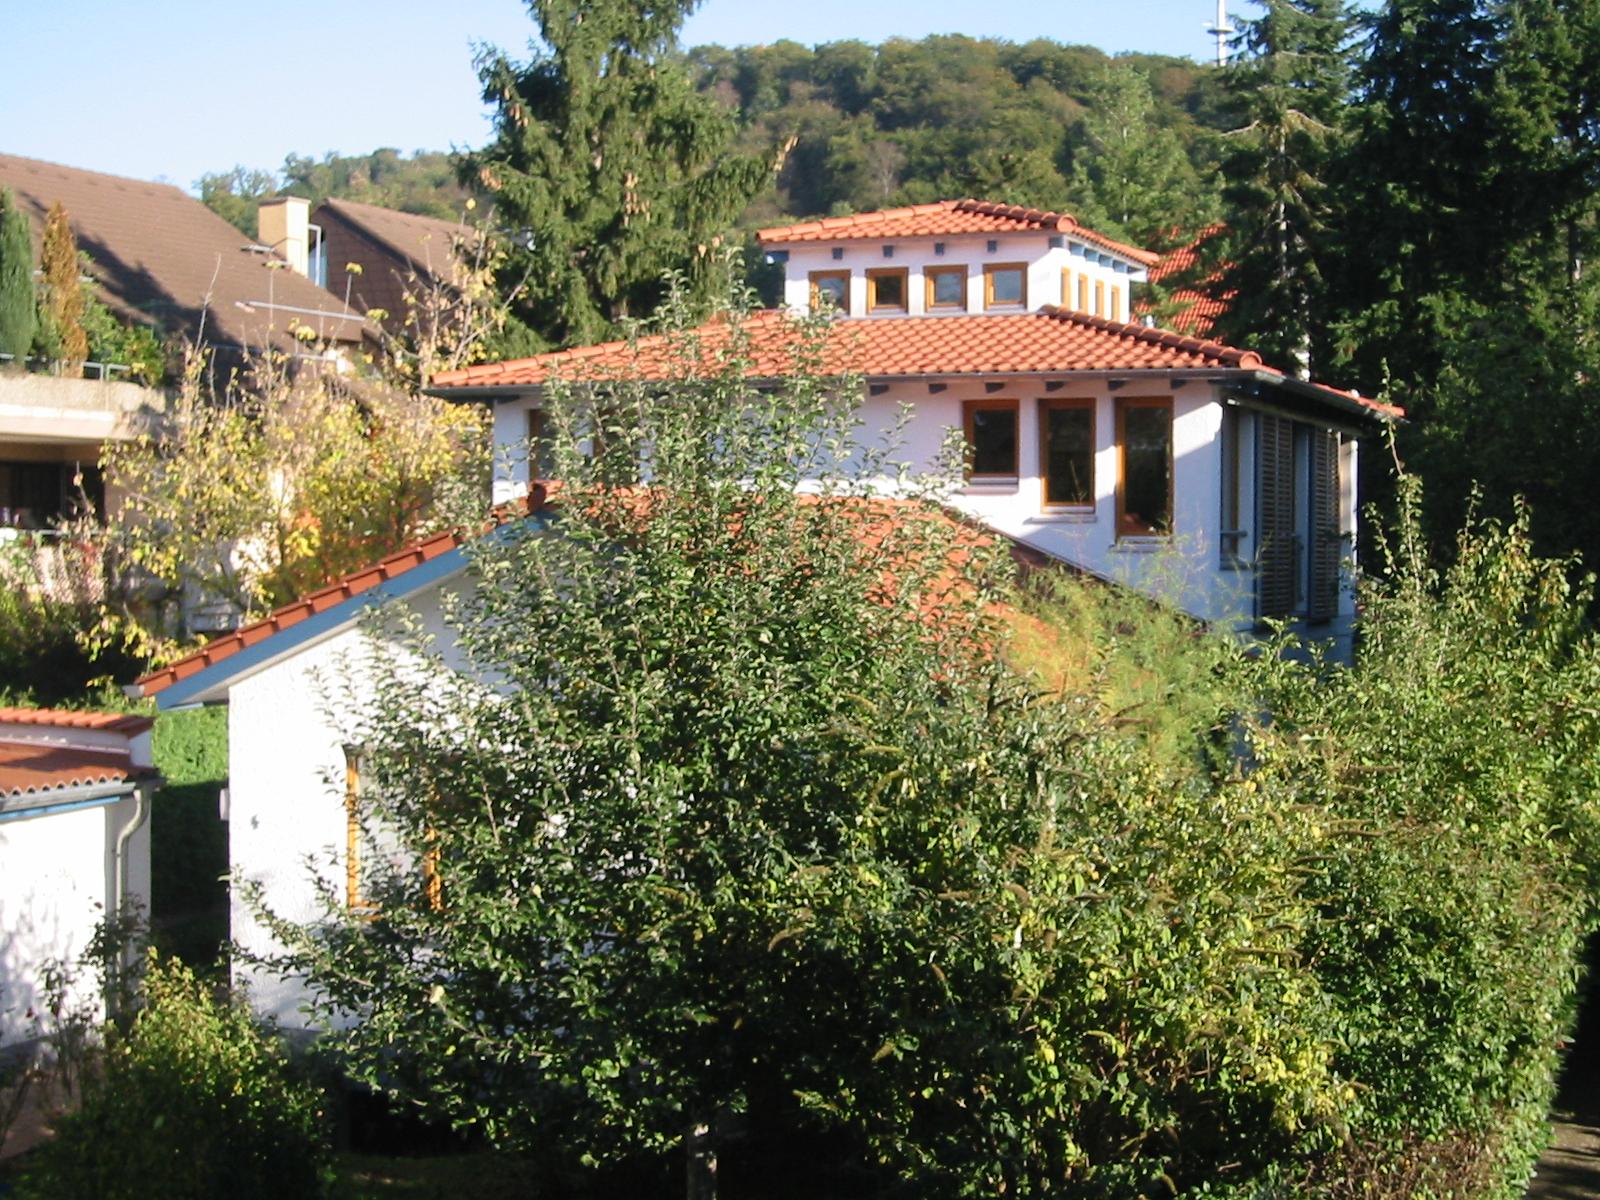 2001 Aufstockung Einfamilienhaus Bild 1